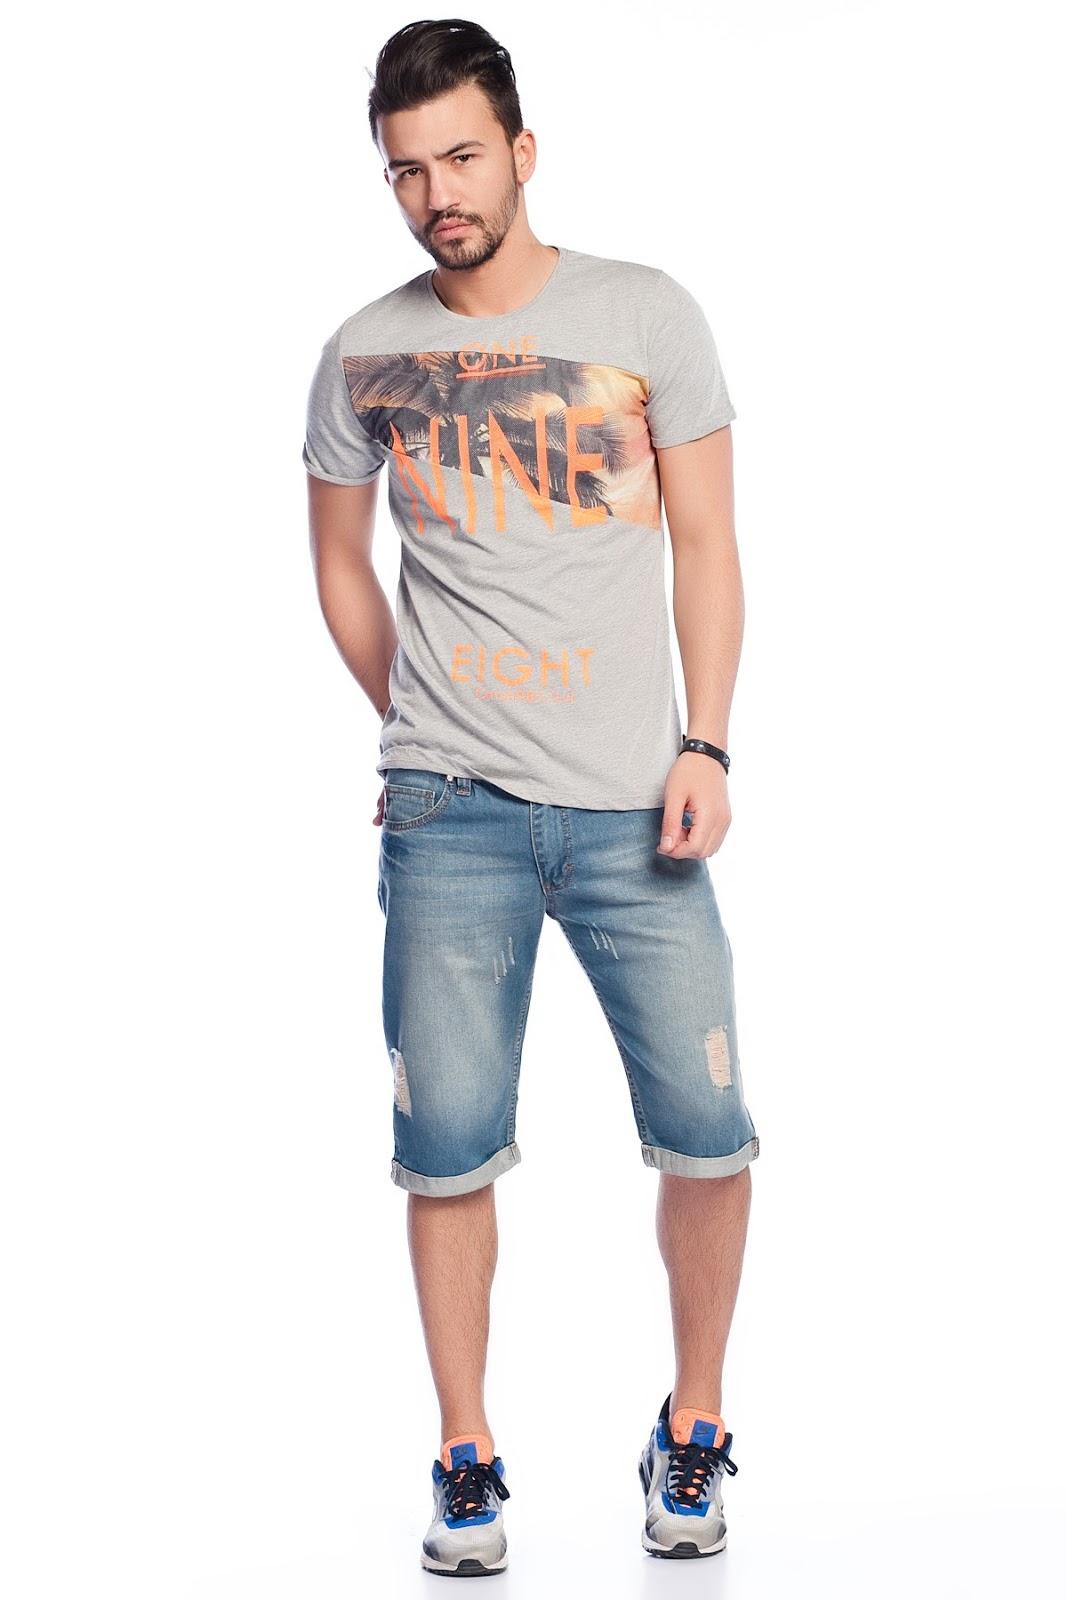 بالصور ملابس شباب , شاهد احدث الصيحات فى الملابس العصرية 2061 6